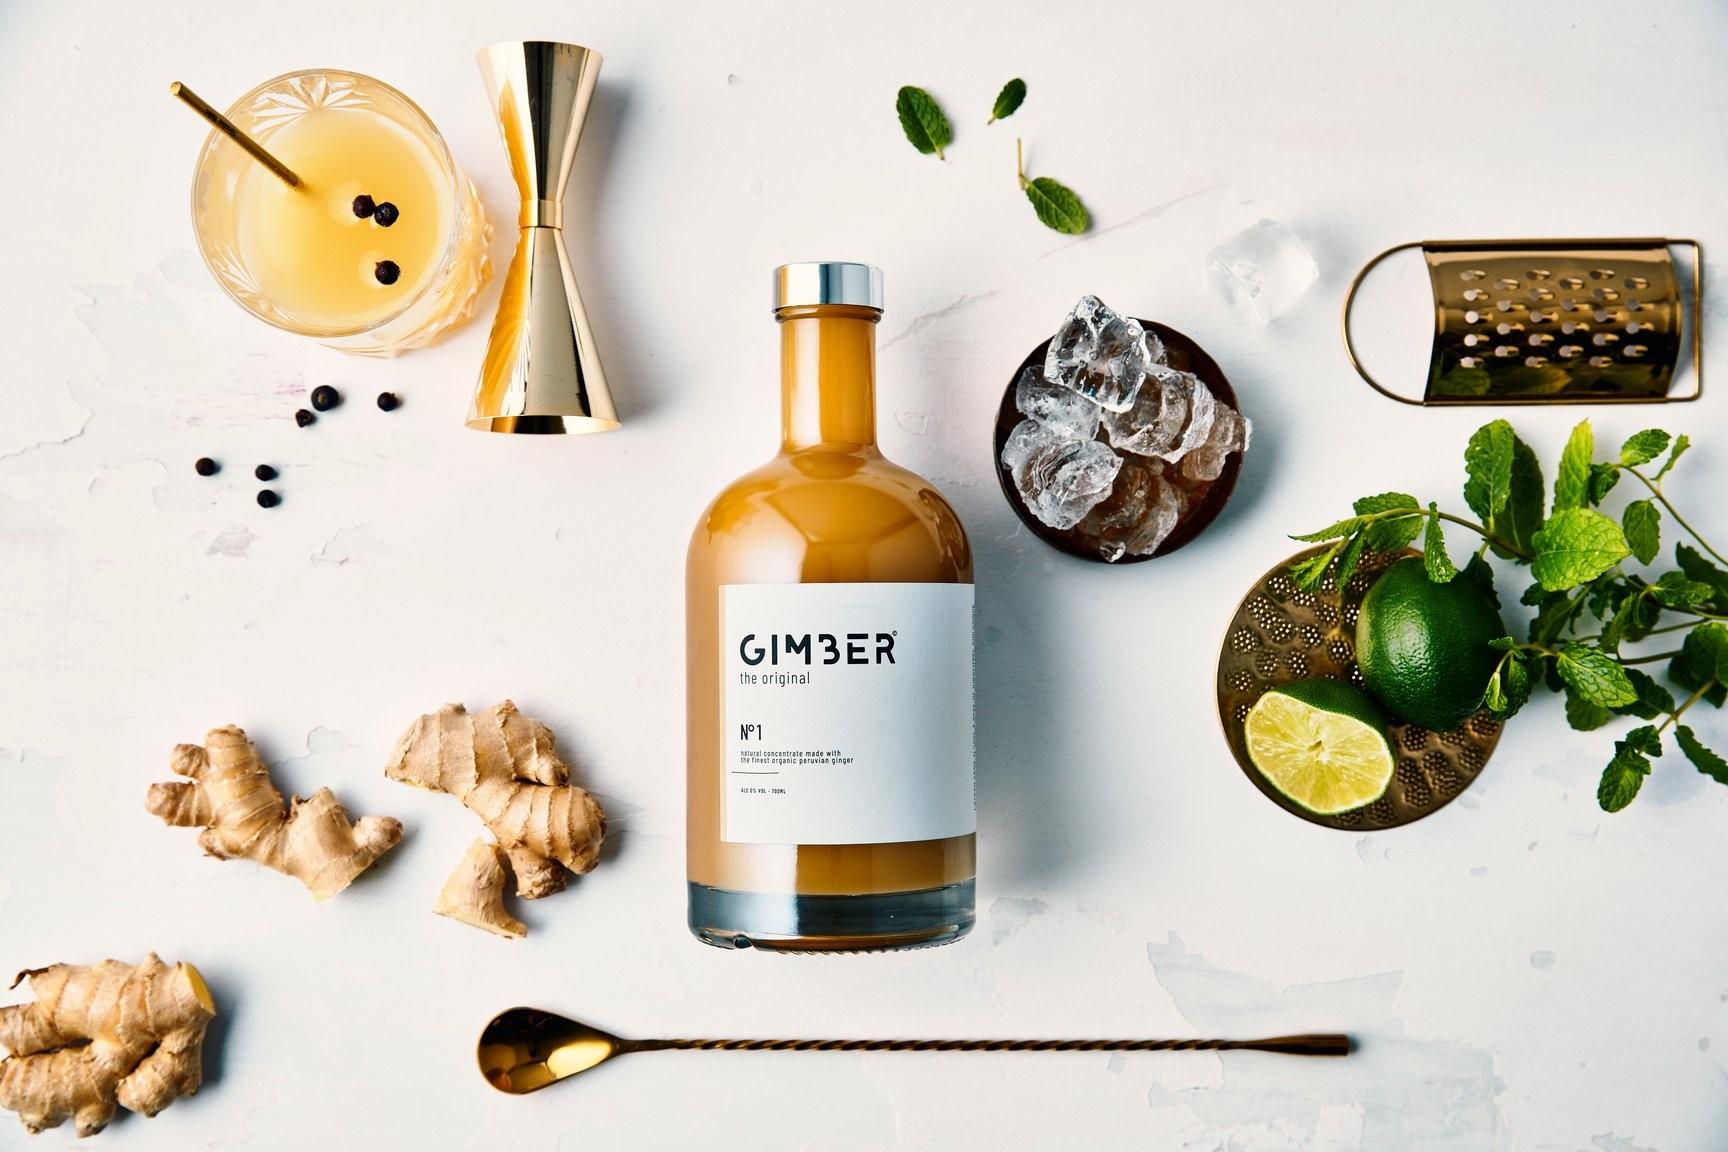 Gimber- the original